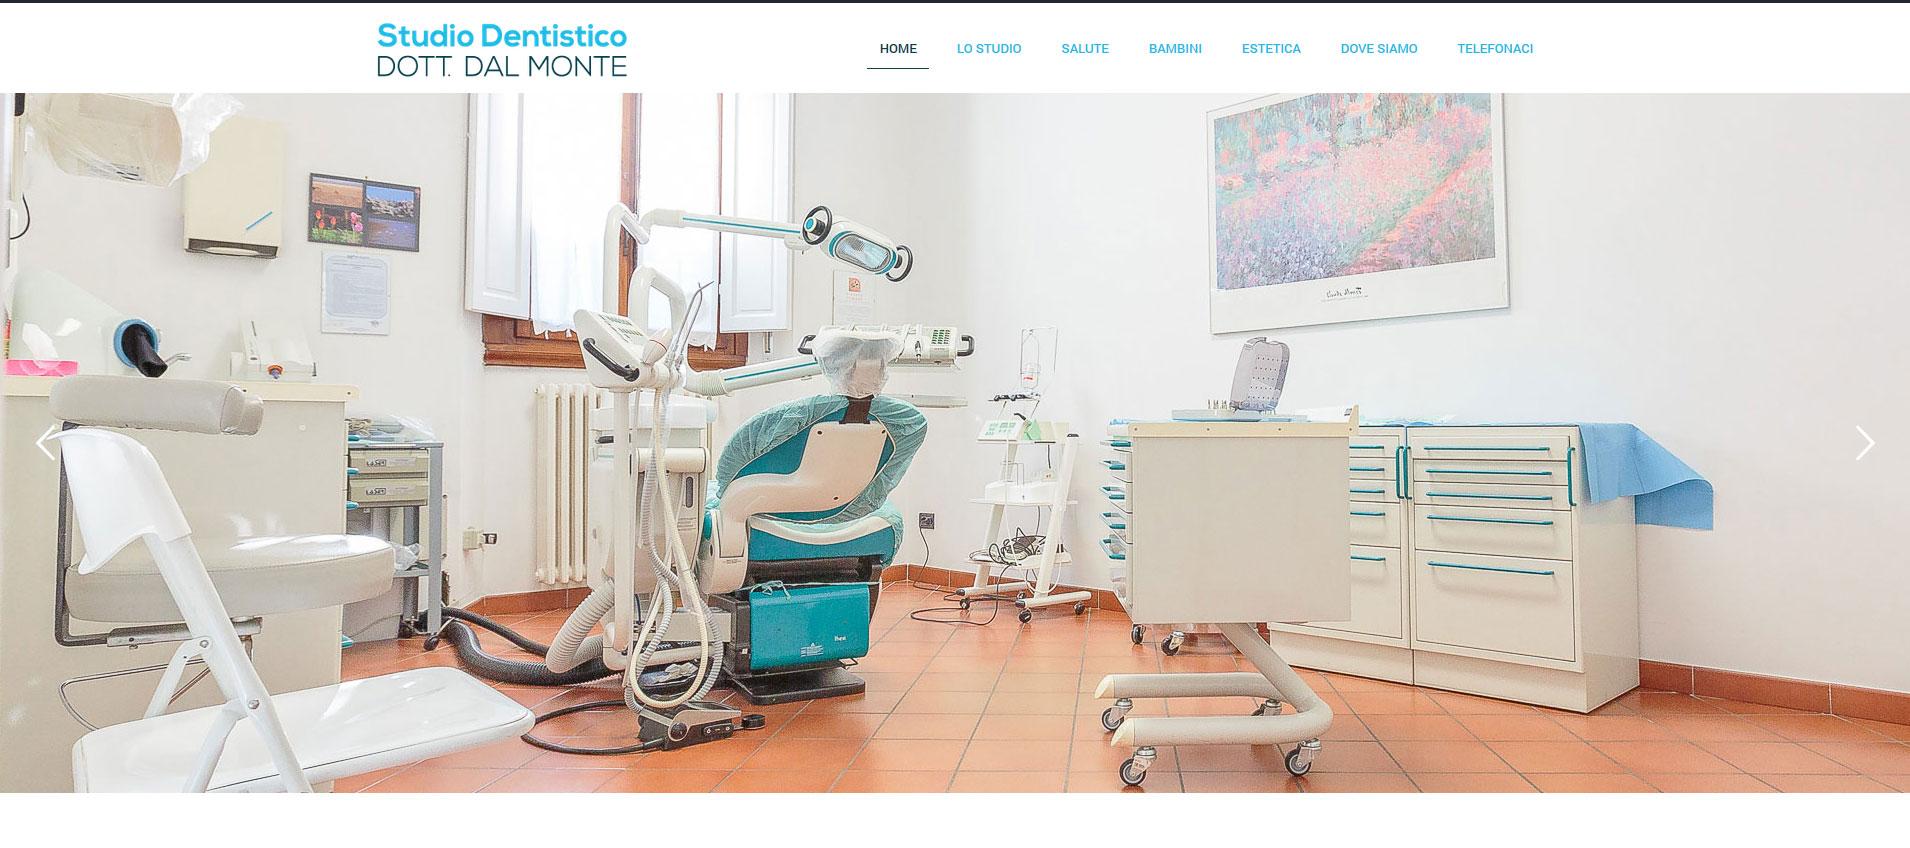 Siti Web Firenze - Studio Dentistico Dott. Dal Monte